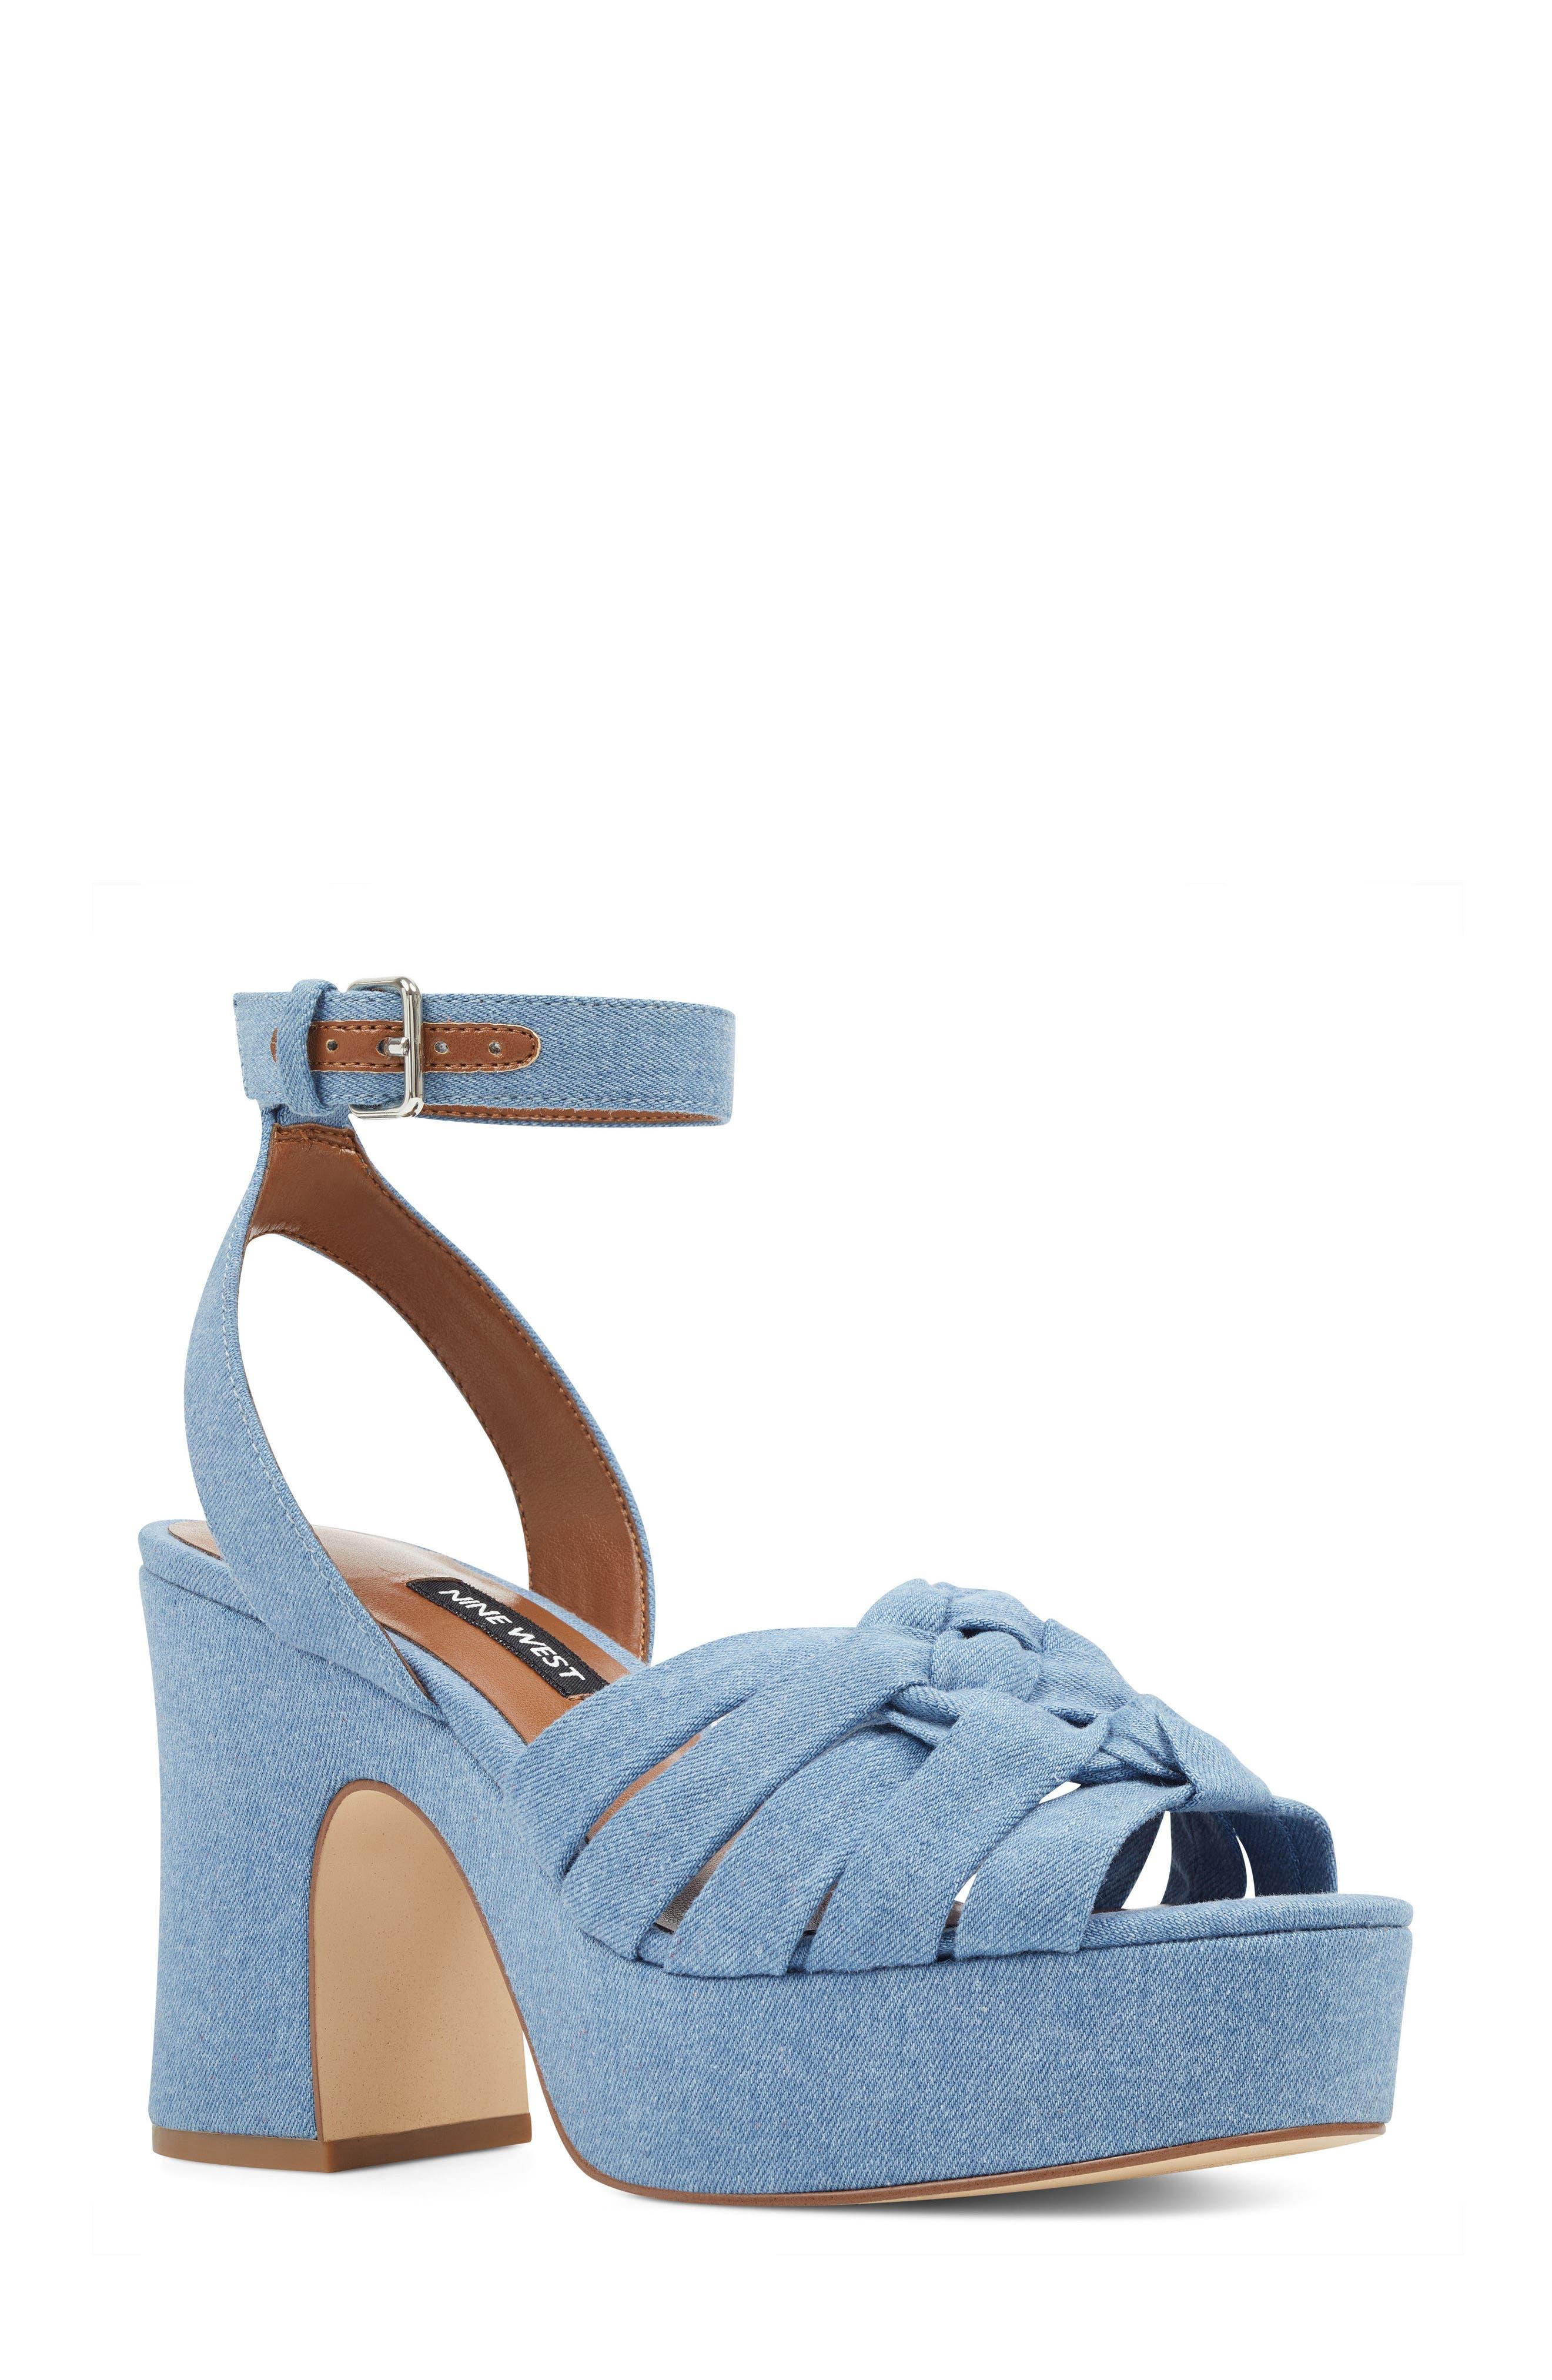 Fetuchini Platform Sandal,                             Main thumbnail 1, color,                             LIGHT BLUE DENIM